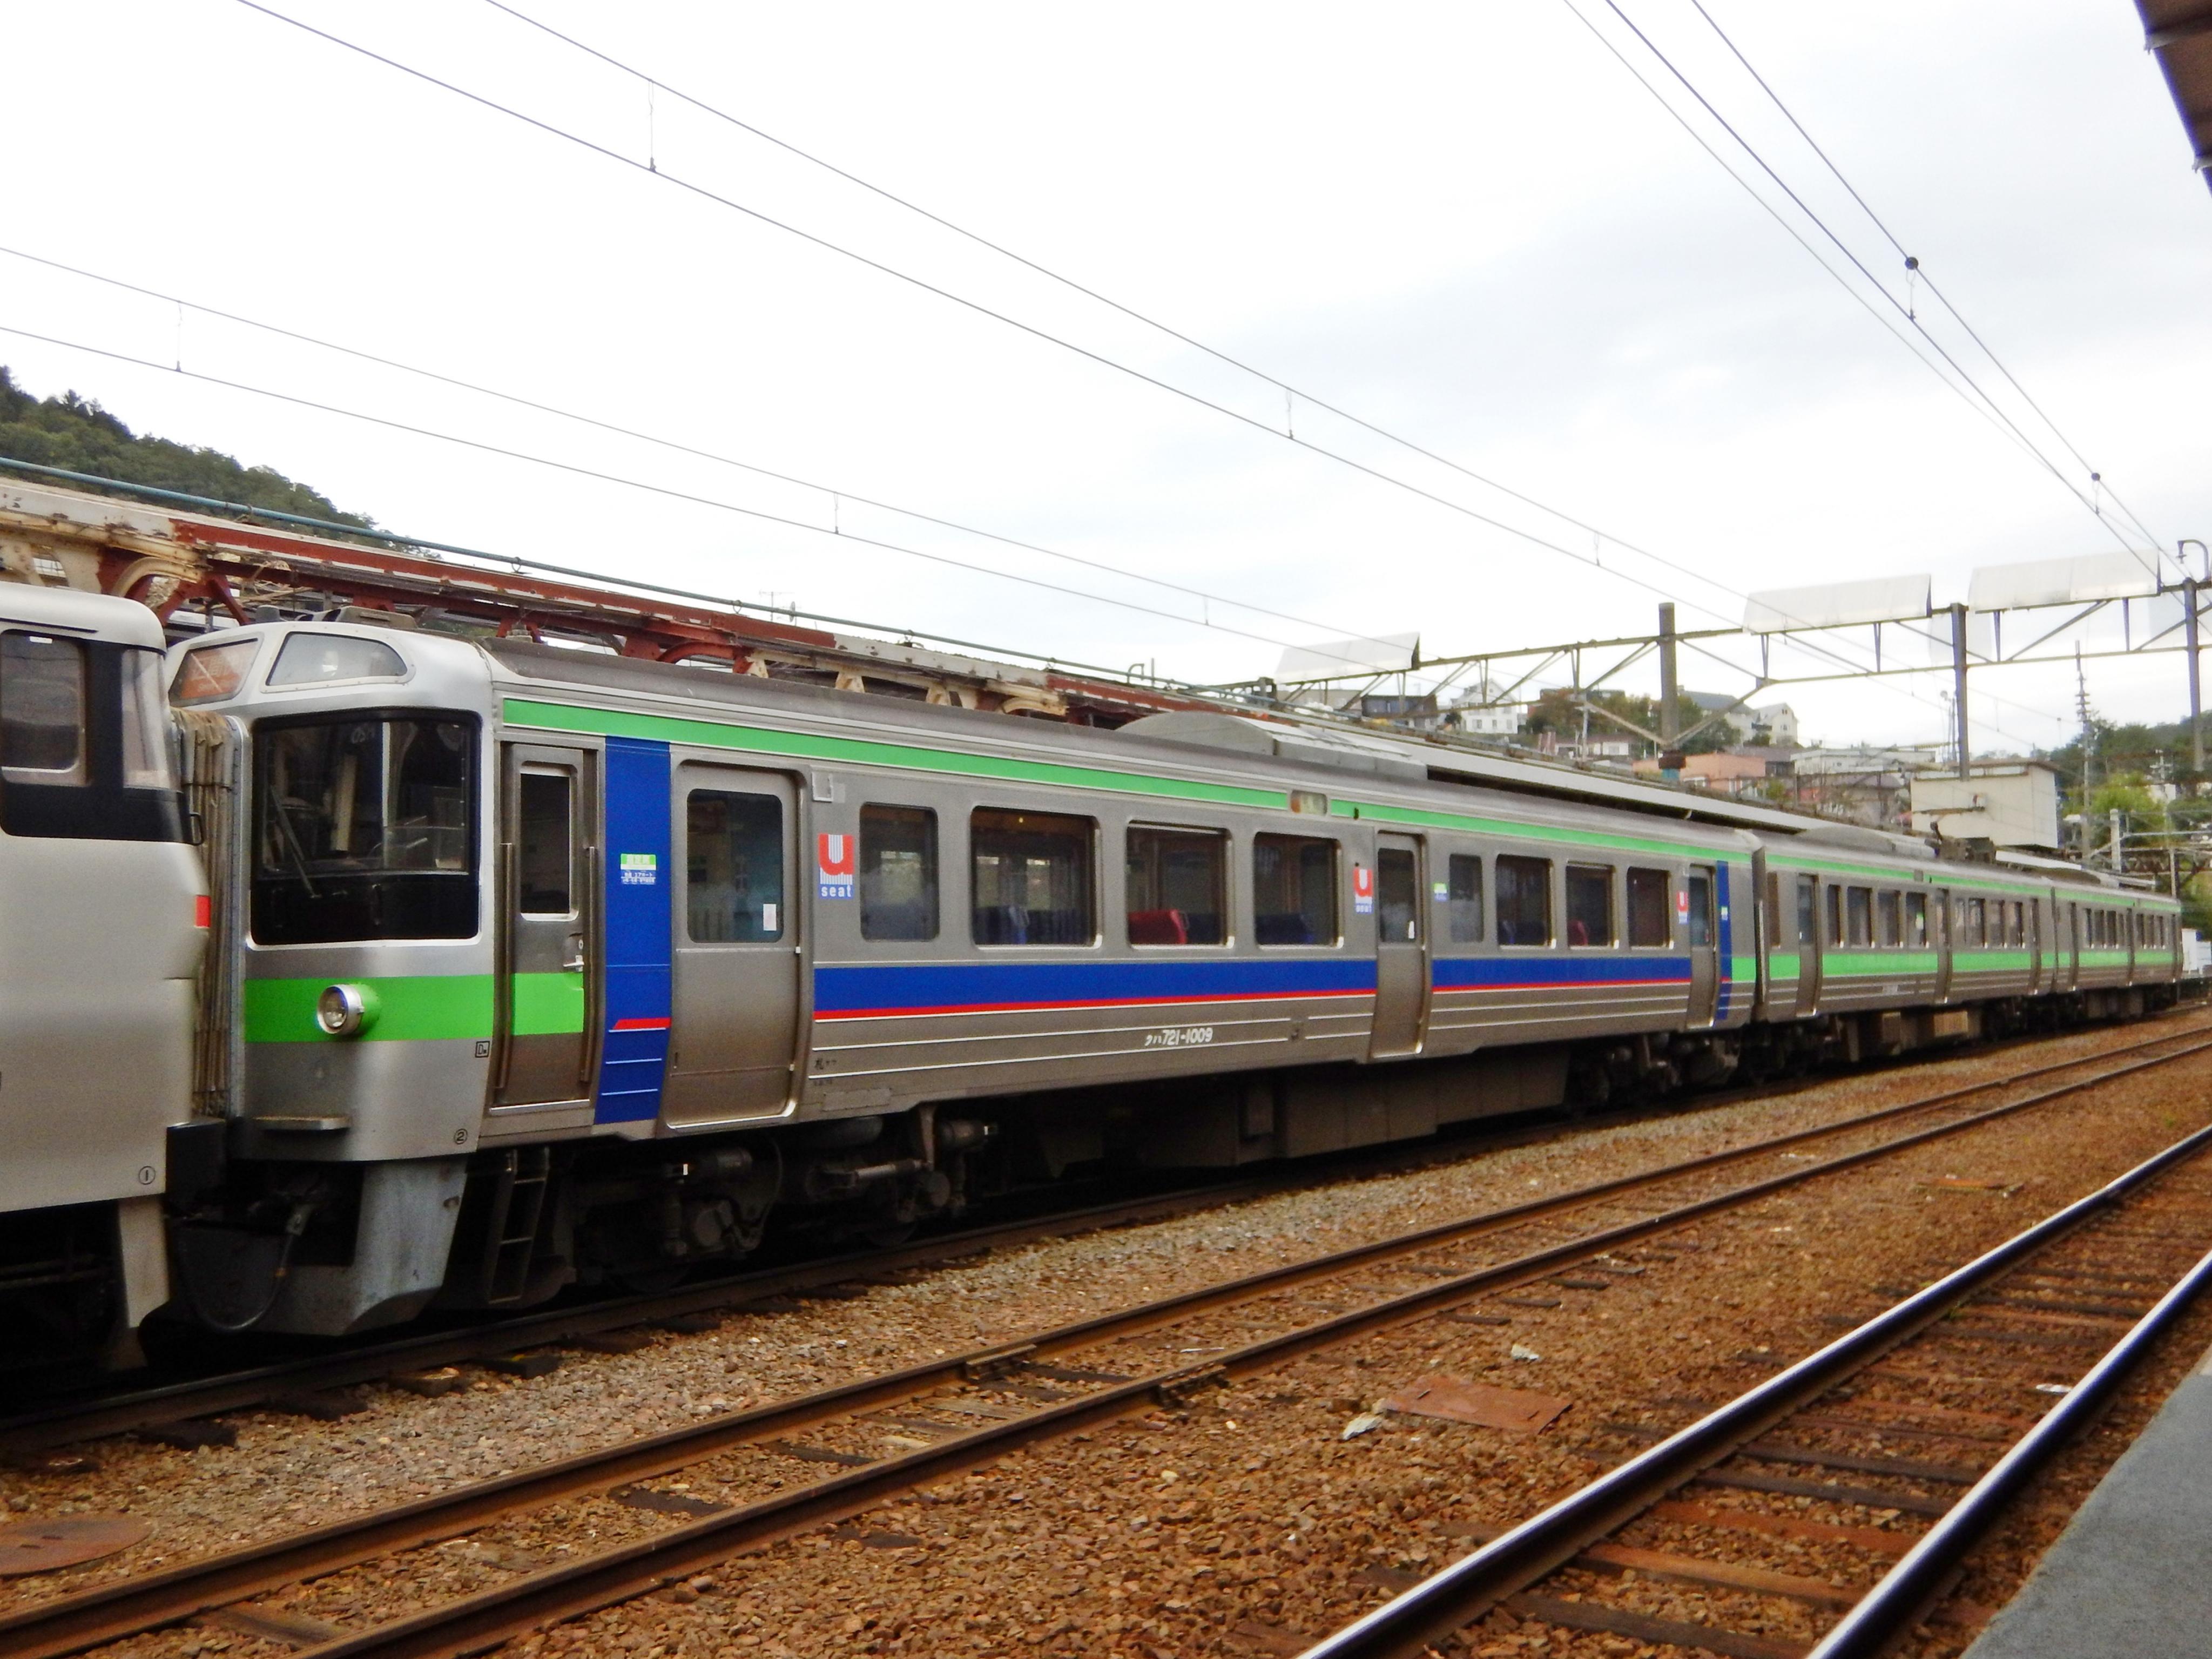 721系 F-1009 3429M 区間快速いしかりライナー 小樽駅 180924 (1).JPG